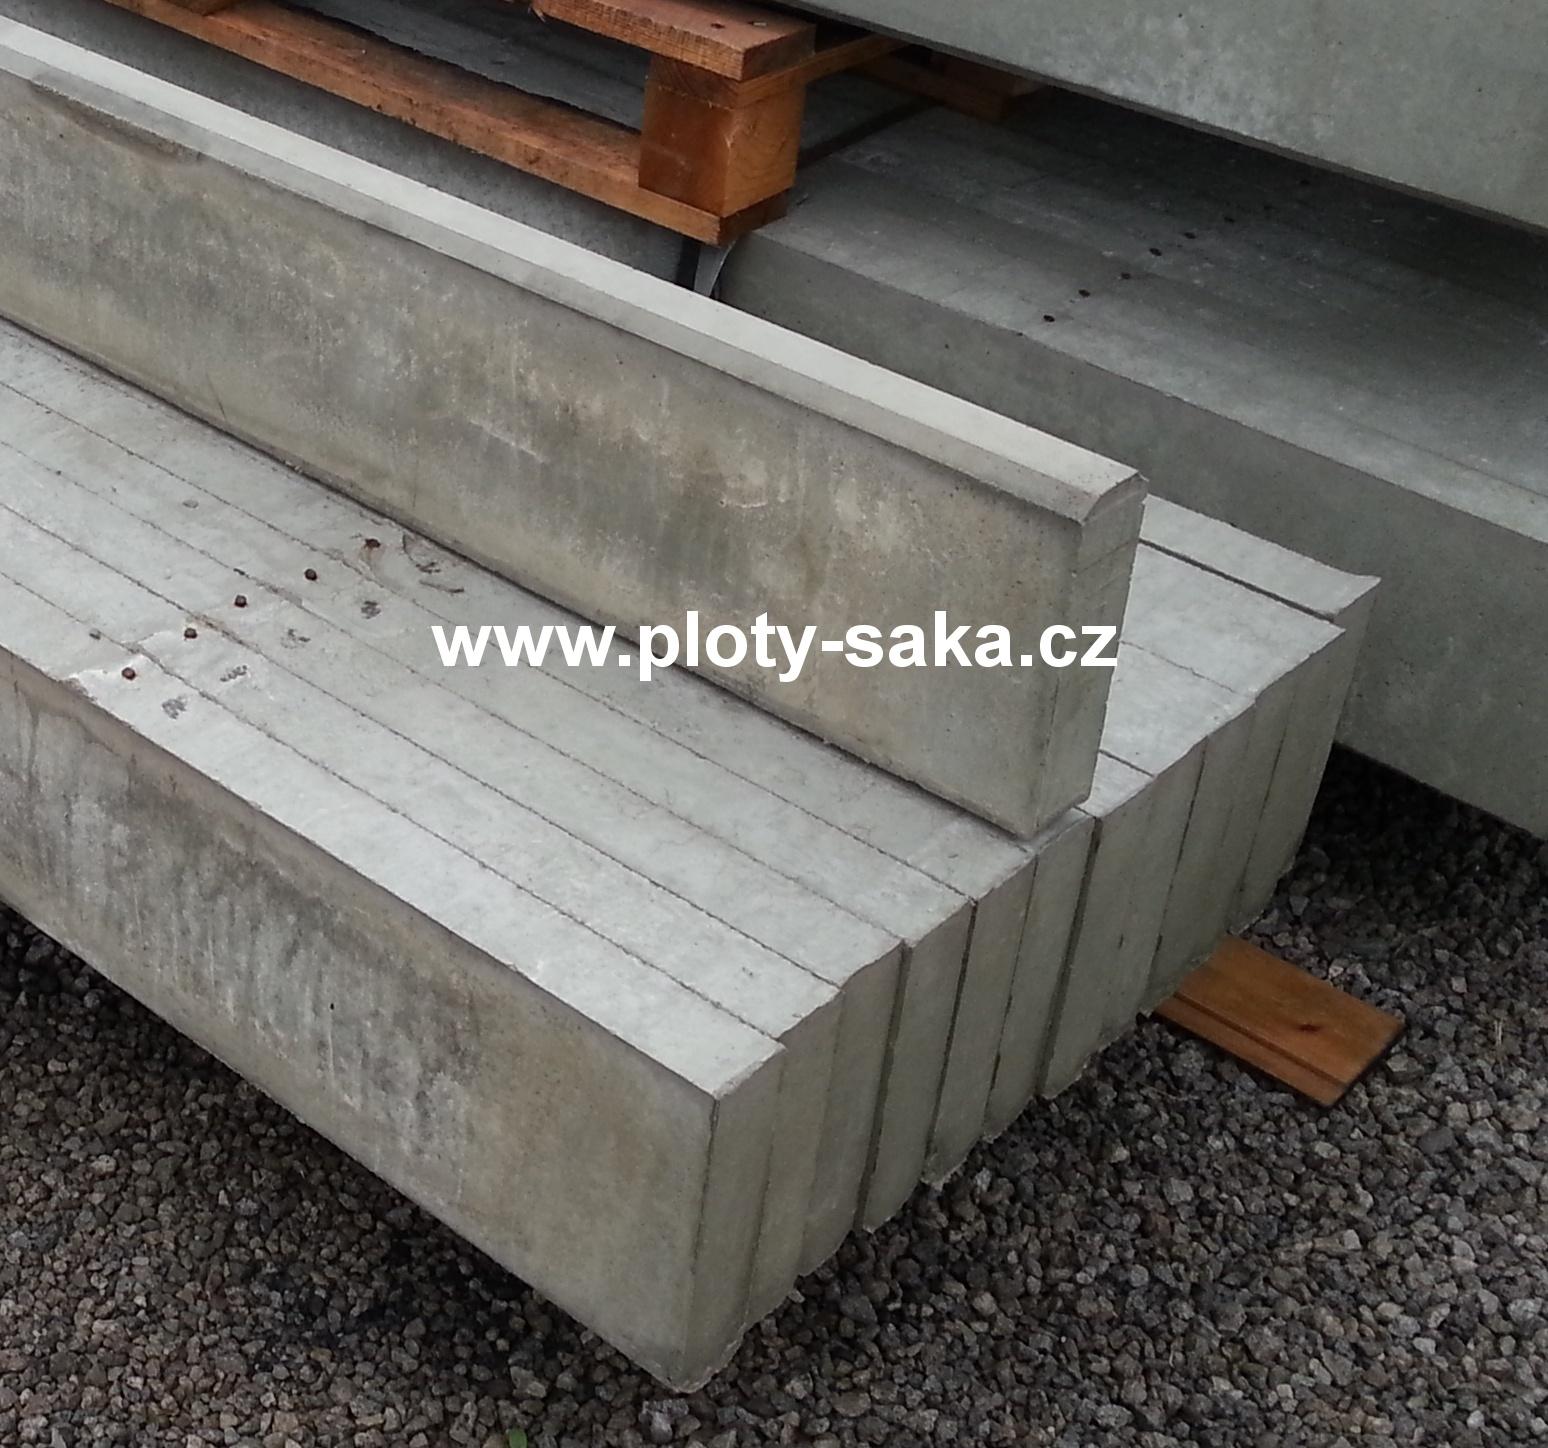 Podhrabová deska - 2000x300x50 mm